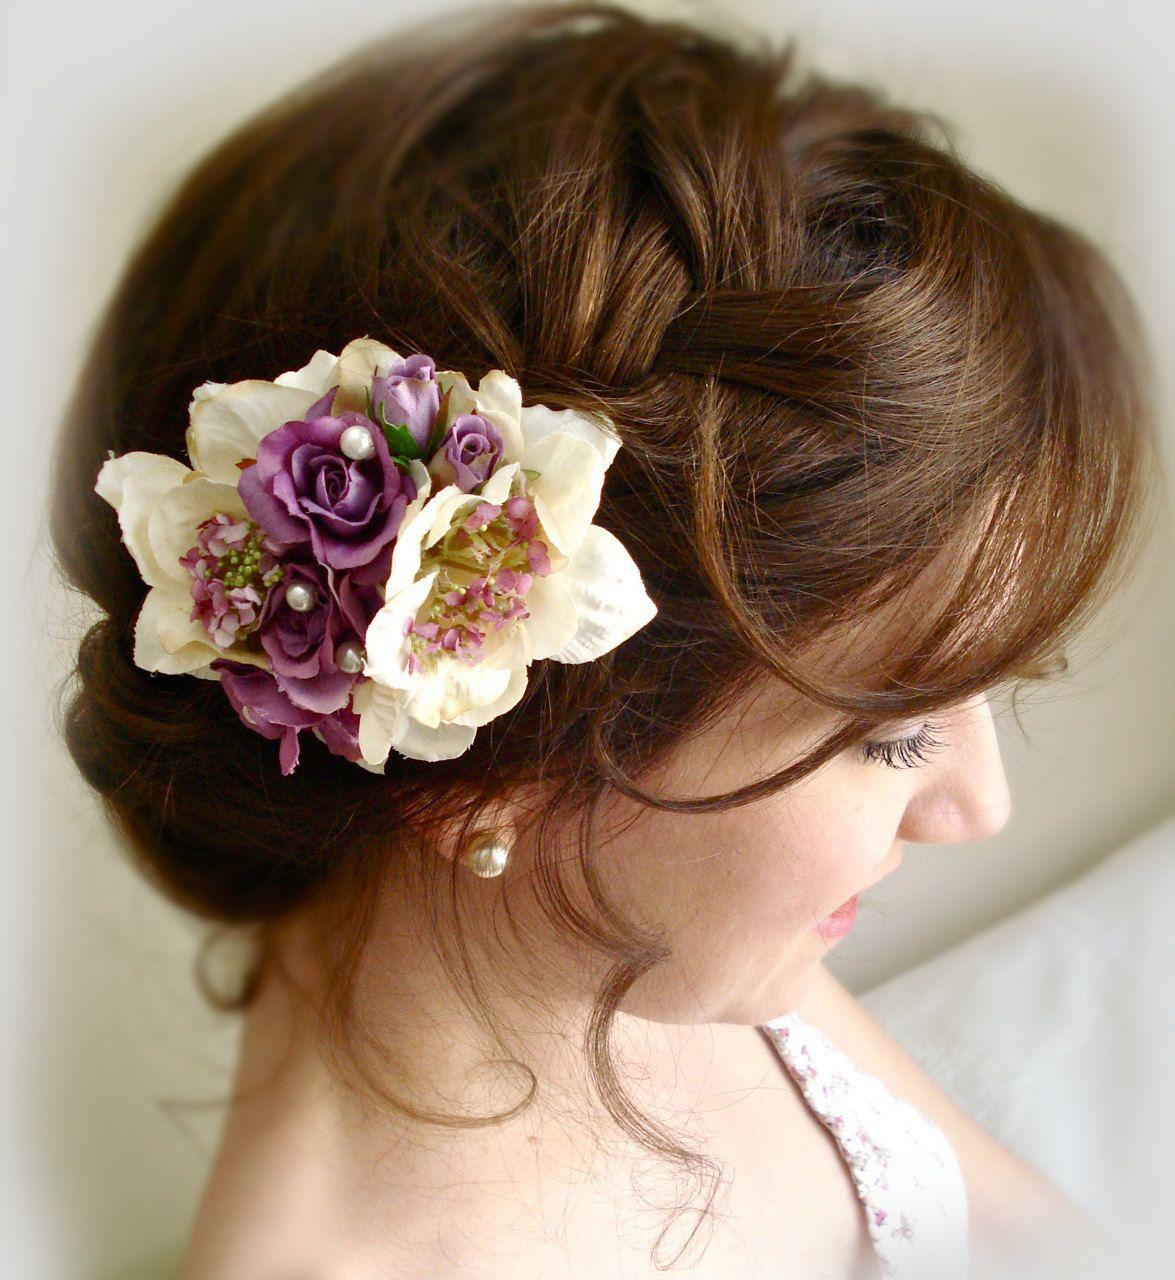 purple flower for hair, bridal hair accessories, lavender